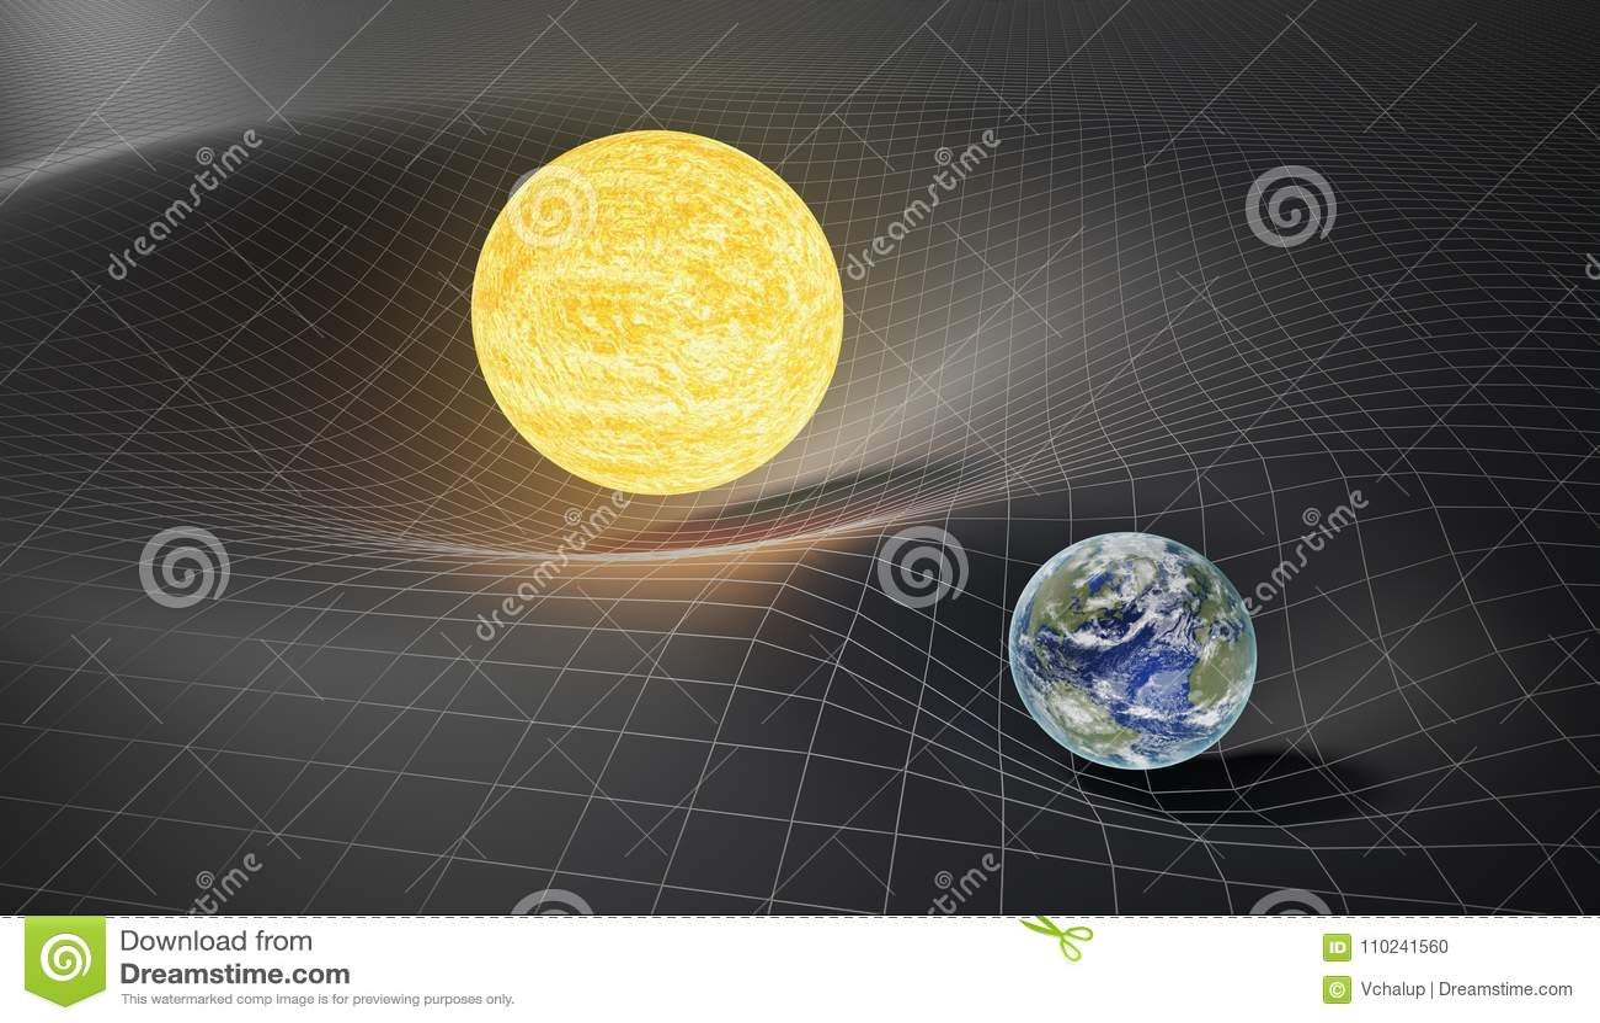 Ernst en algemeen relativiteitstheorieconcept Aarde en Zon op vervormde plaats-tijd 3D teruggegeven illustratie